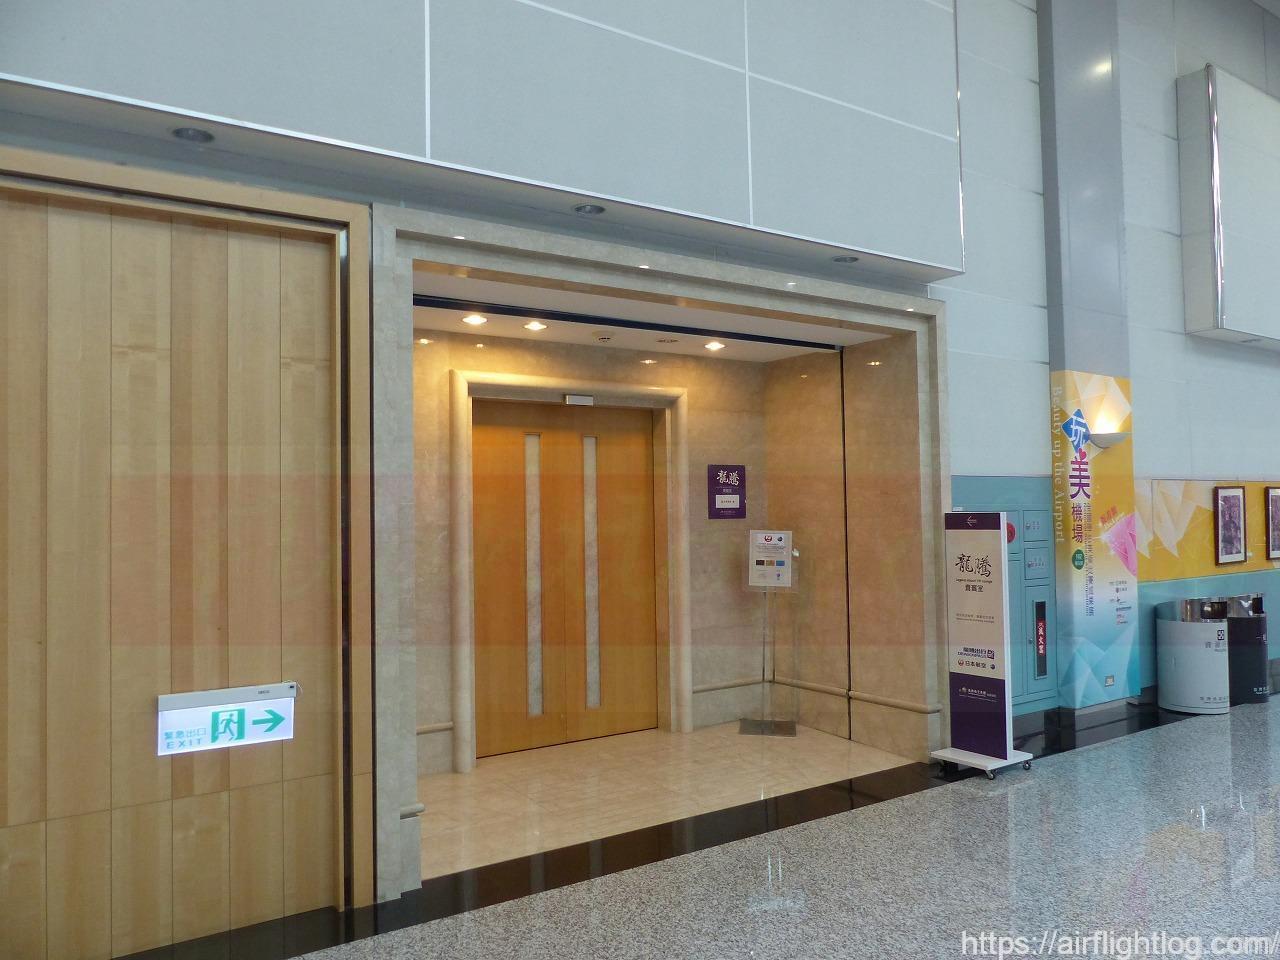 桃園JALラウンジ復活へ!2月4日から旧龍騰貴賓室をJALラウンジに!          台北(桃園)空港にJALラウンジ復活です!